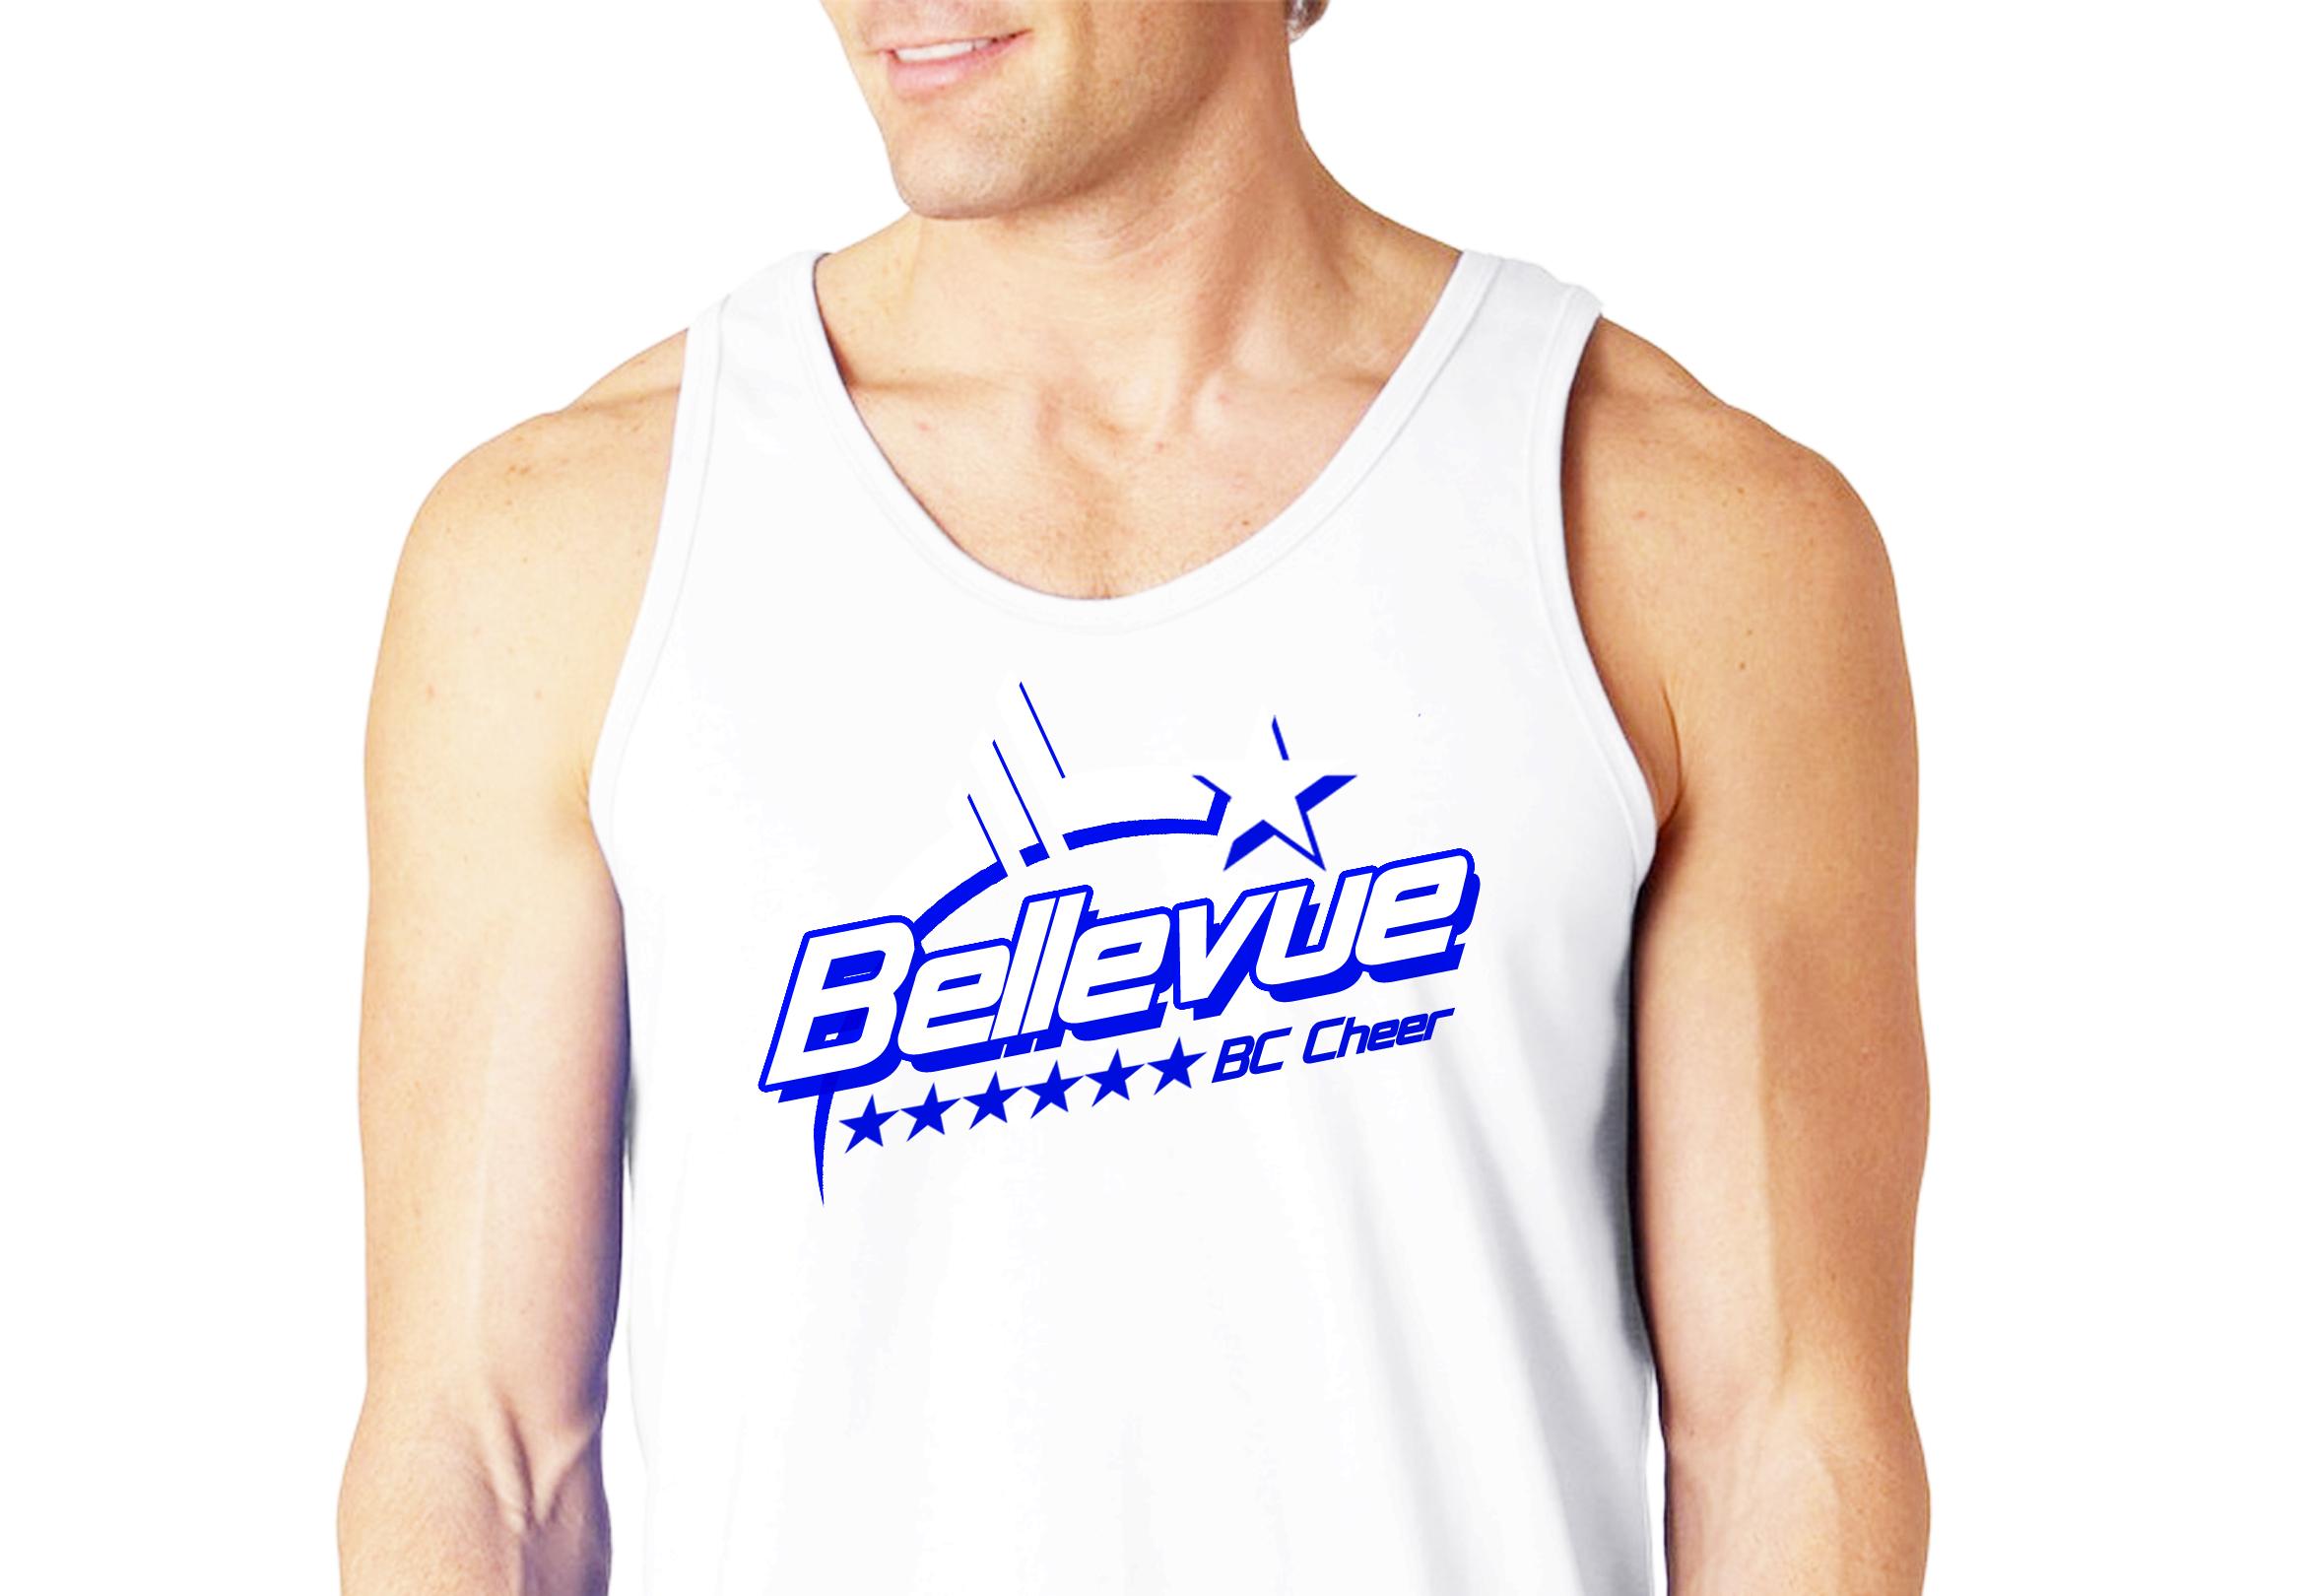 Bellevue Tank